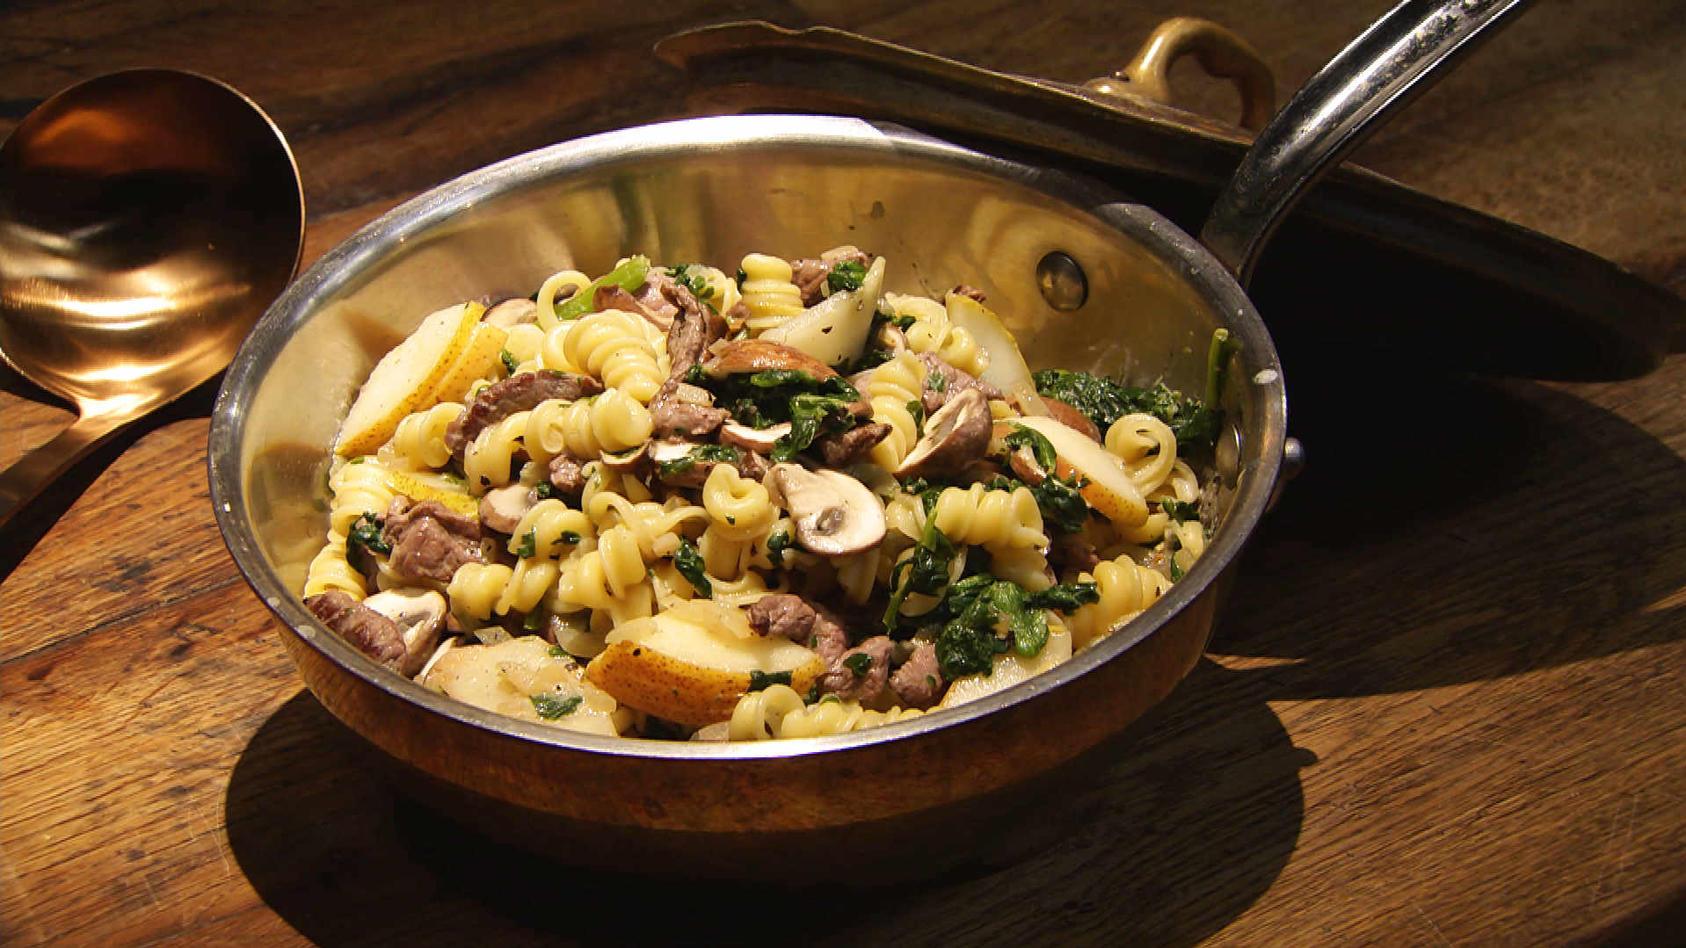 Lust auf Geschnetzeltes? Leckeres aus der Pfanne: Rindergeschnetzeltes mit Spinat, Pilzen und Pasta